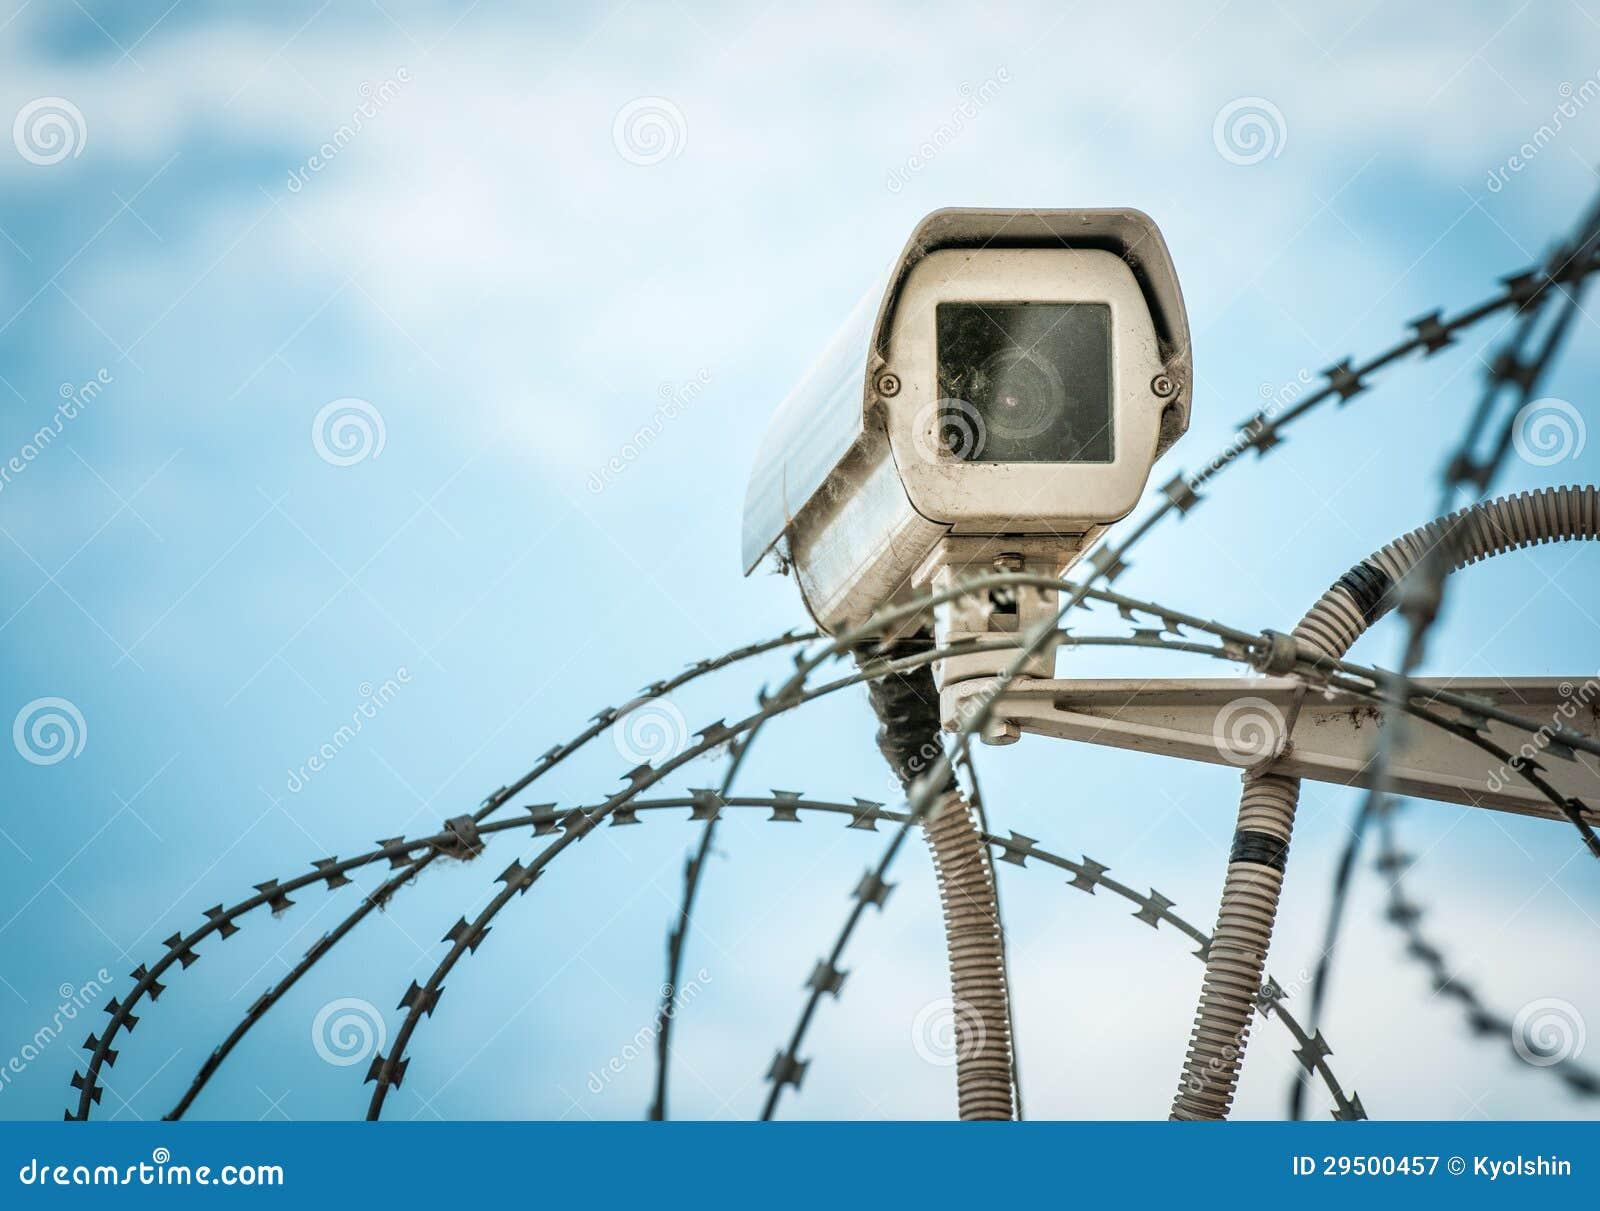 De camera van de observatie en barbwire op blauwe hemel.